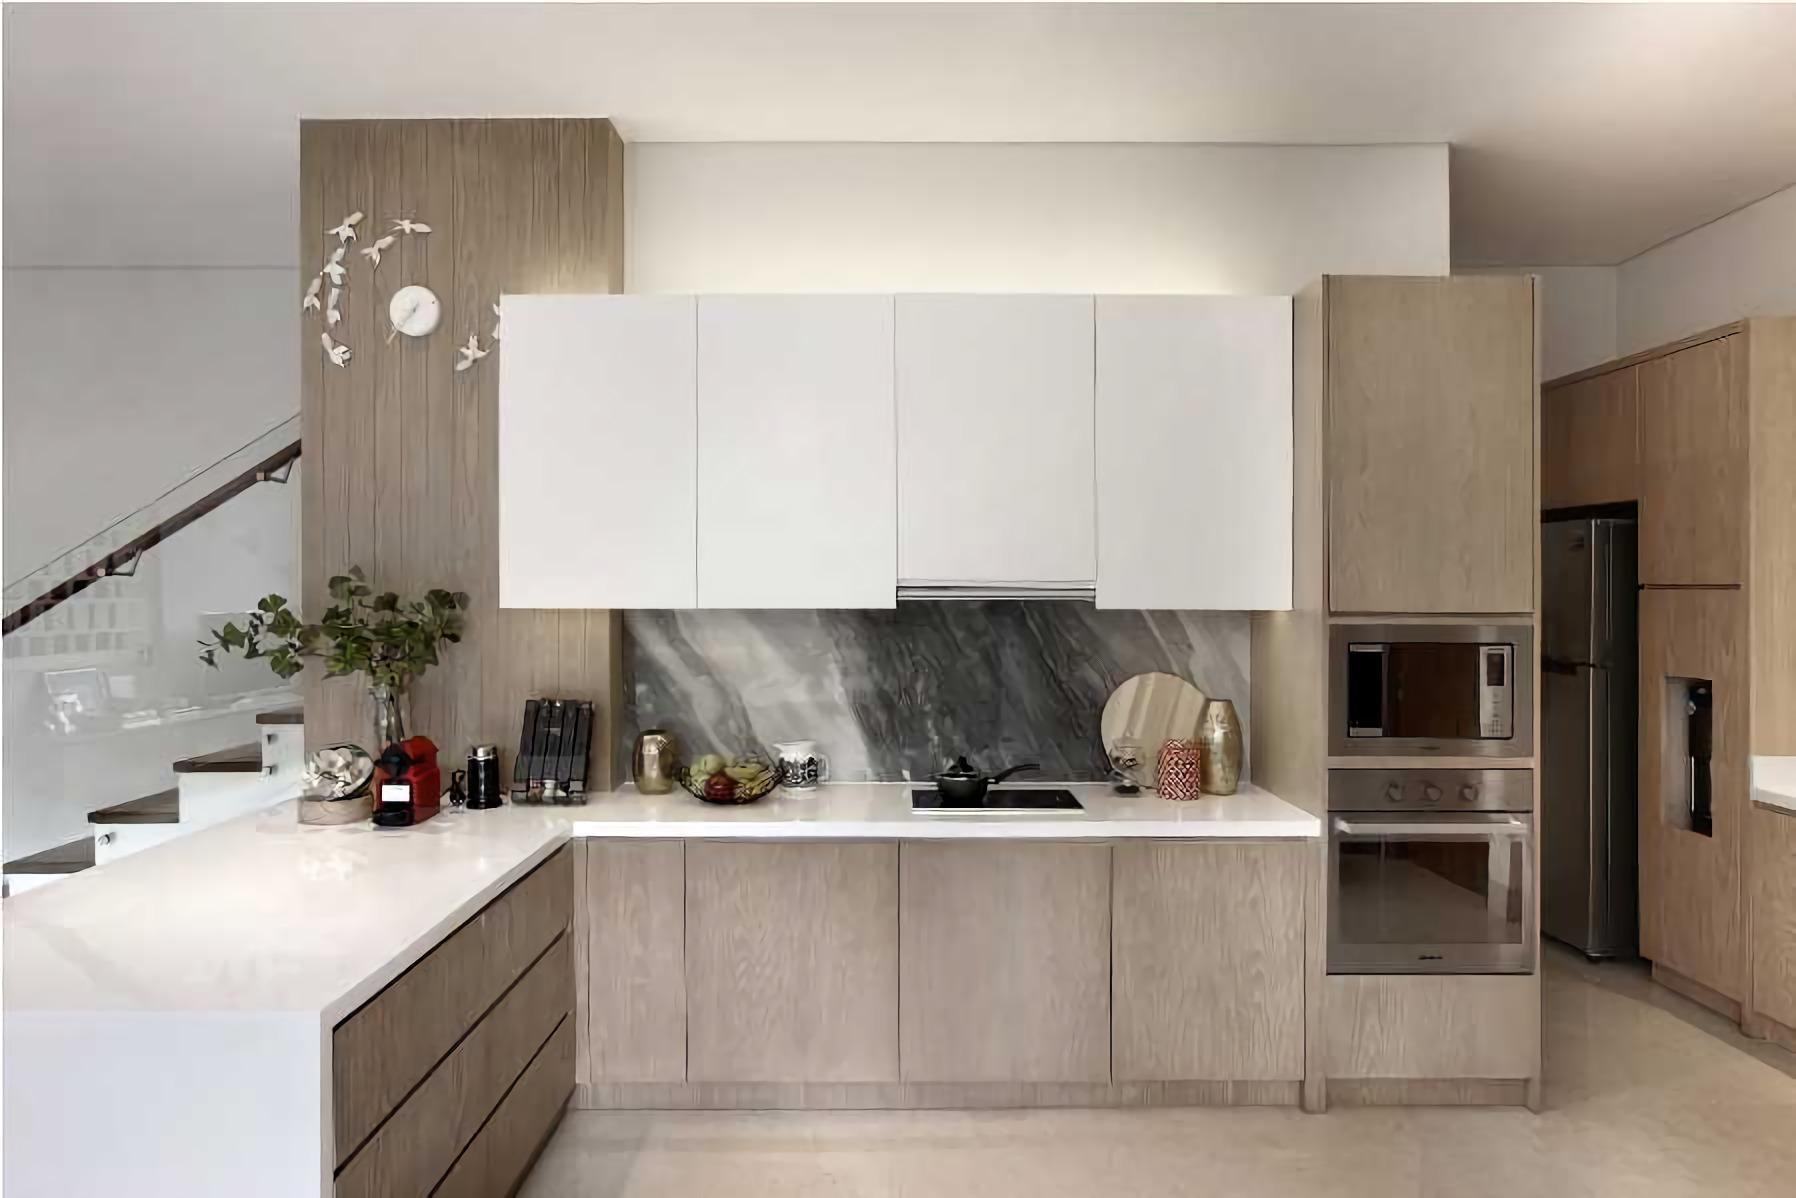 Dapur dengan warna putih dan coklat kayu yang simpel dan elegan (Sumber: arsitag.com)